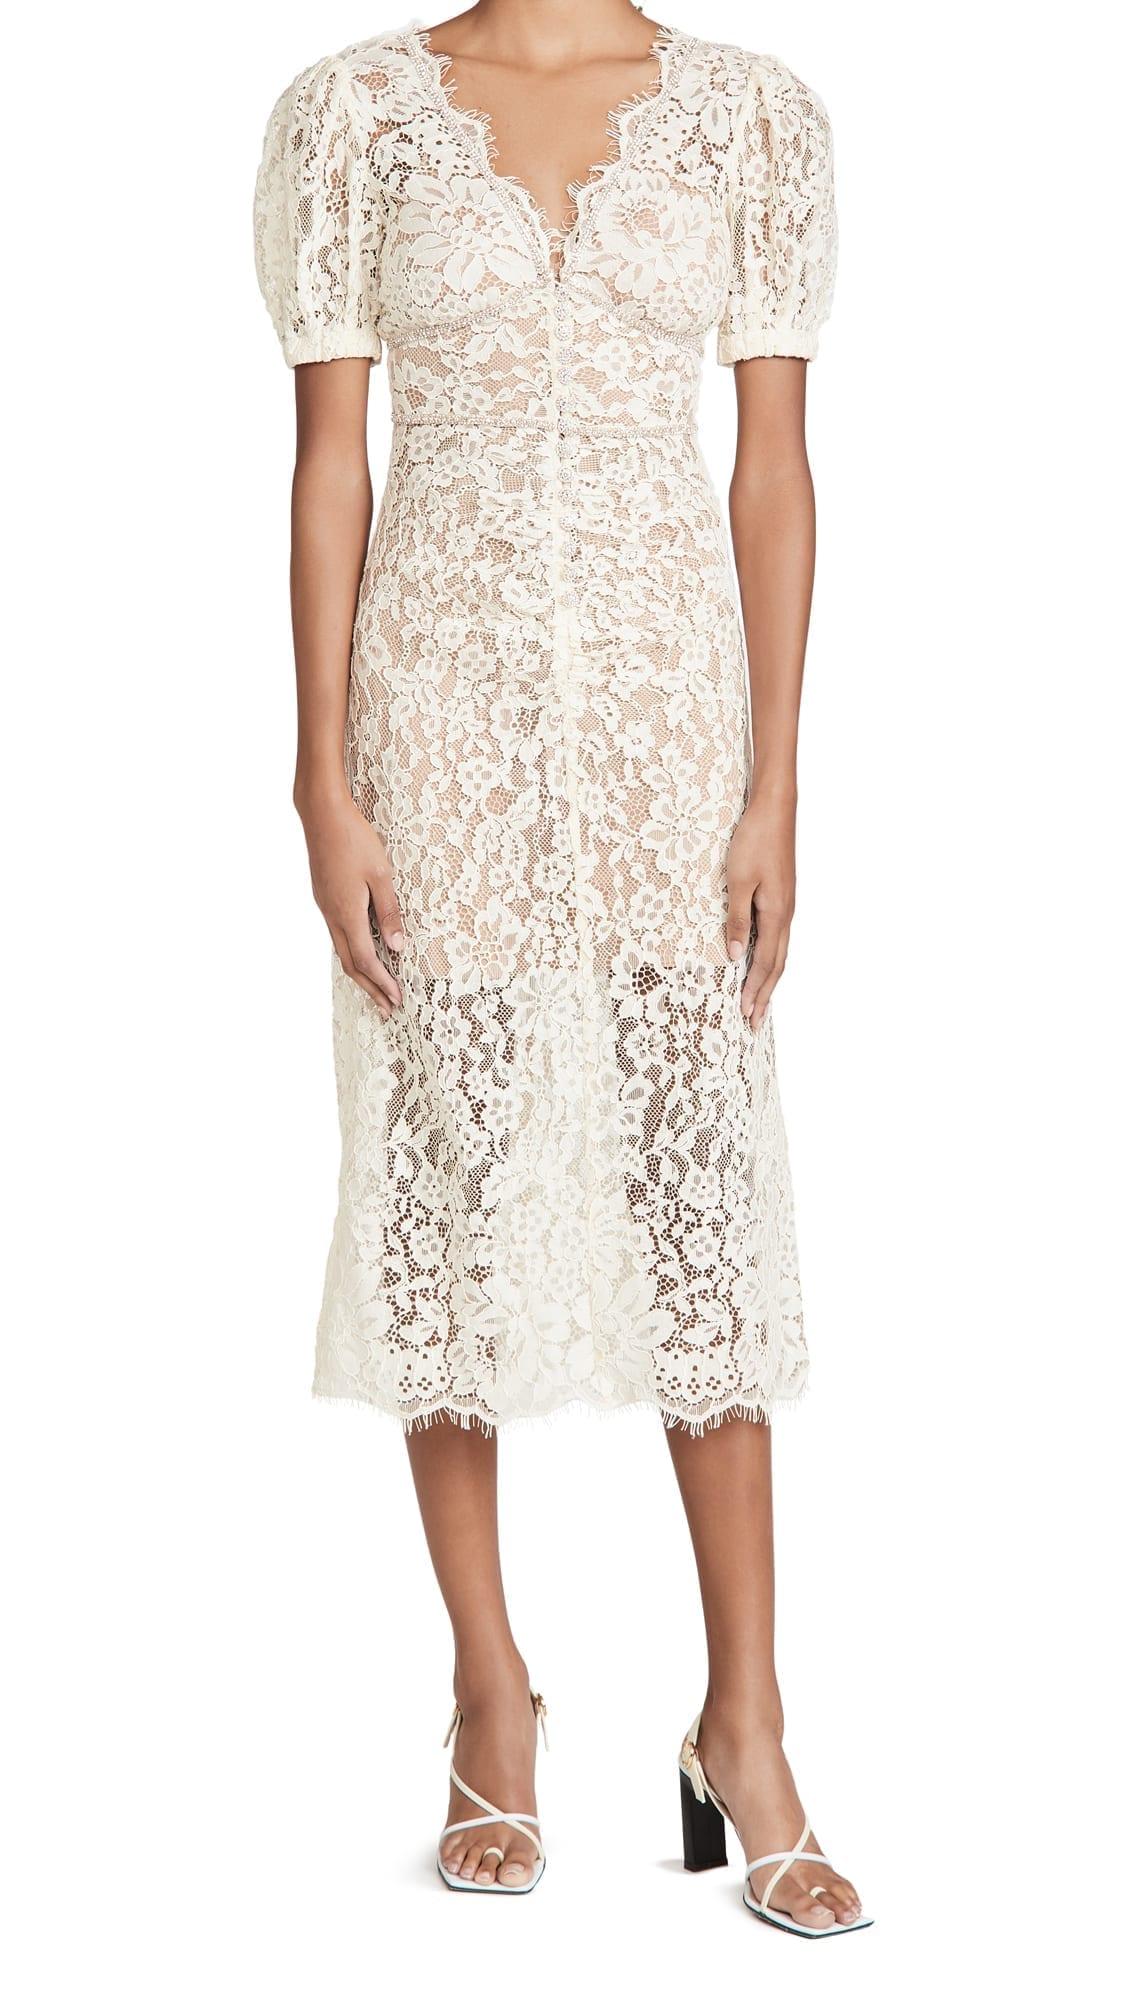 SELF PORTRAIT Fine Corded Lace Midi Dress